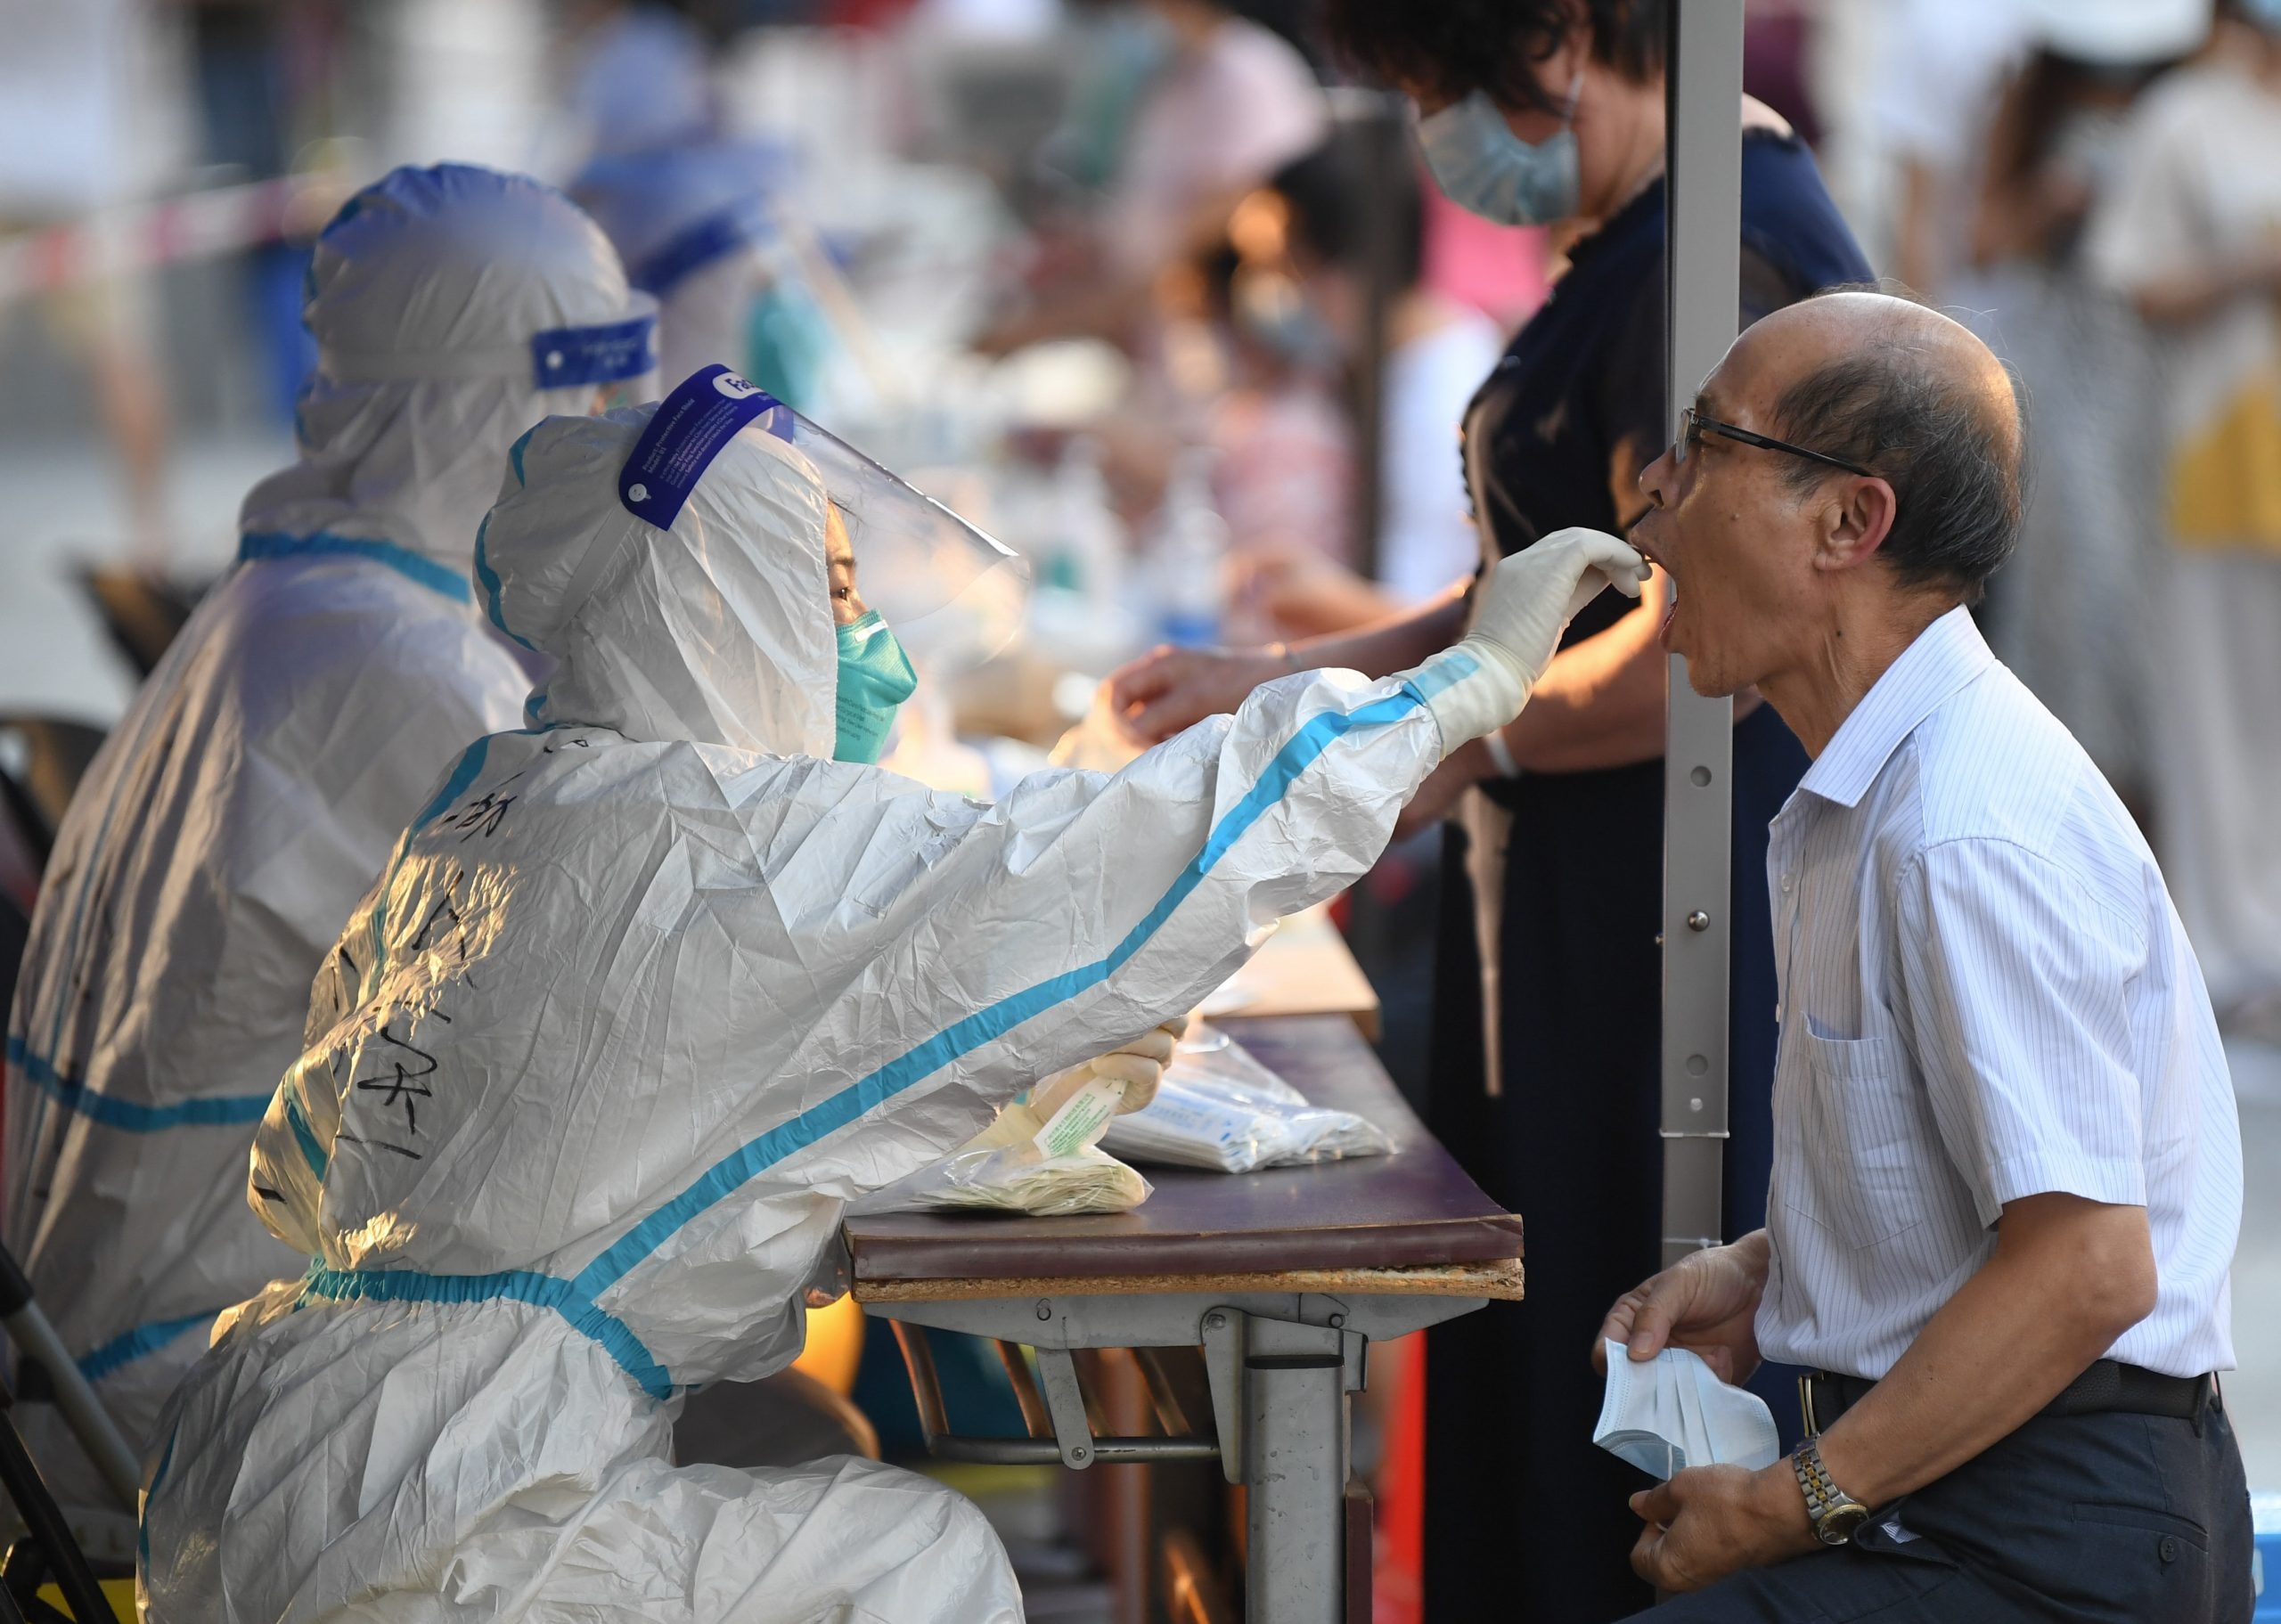 Parte continental de China reporta 75 nuevos casos de transmisión local de COVID-19